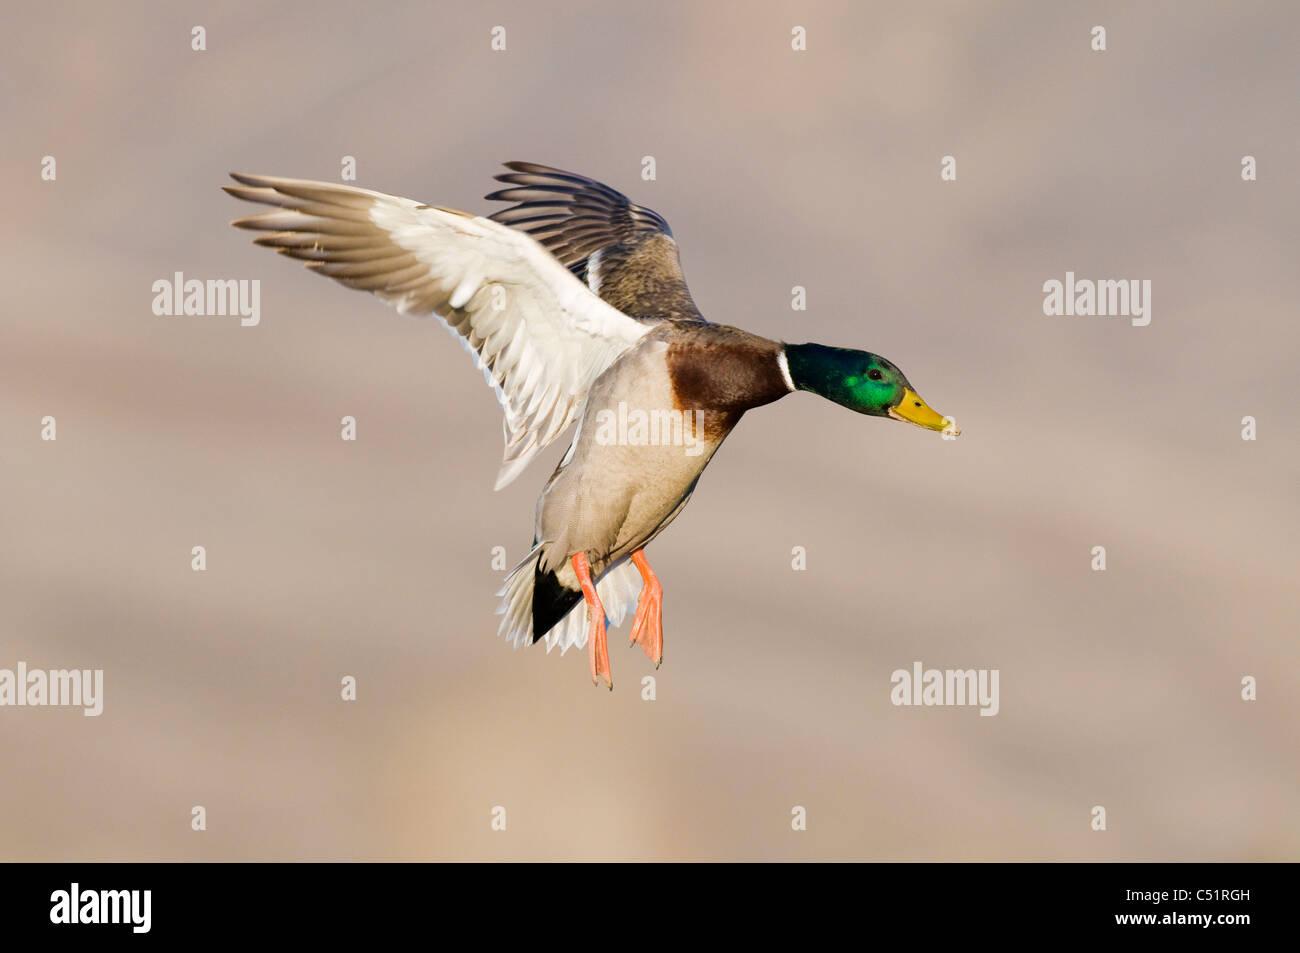 Drake mallard (Anas platyrhynchos) landing - Stock Image